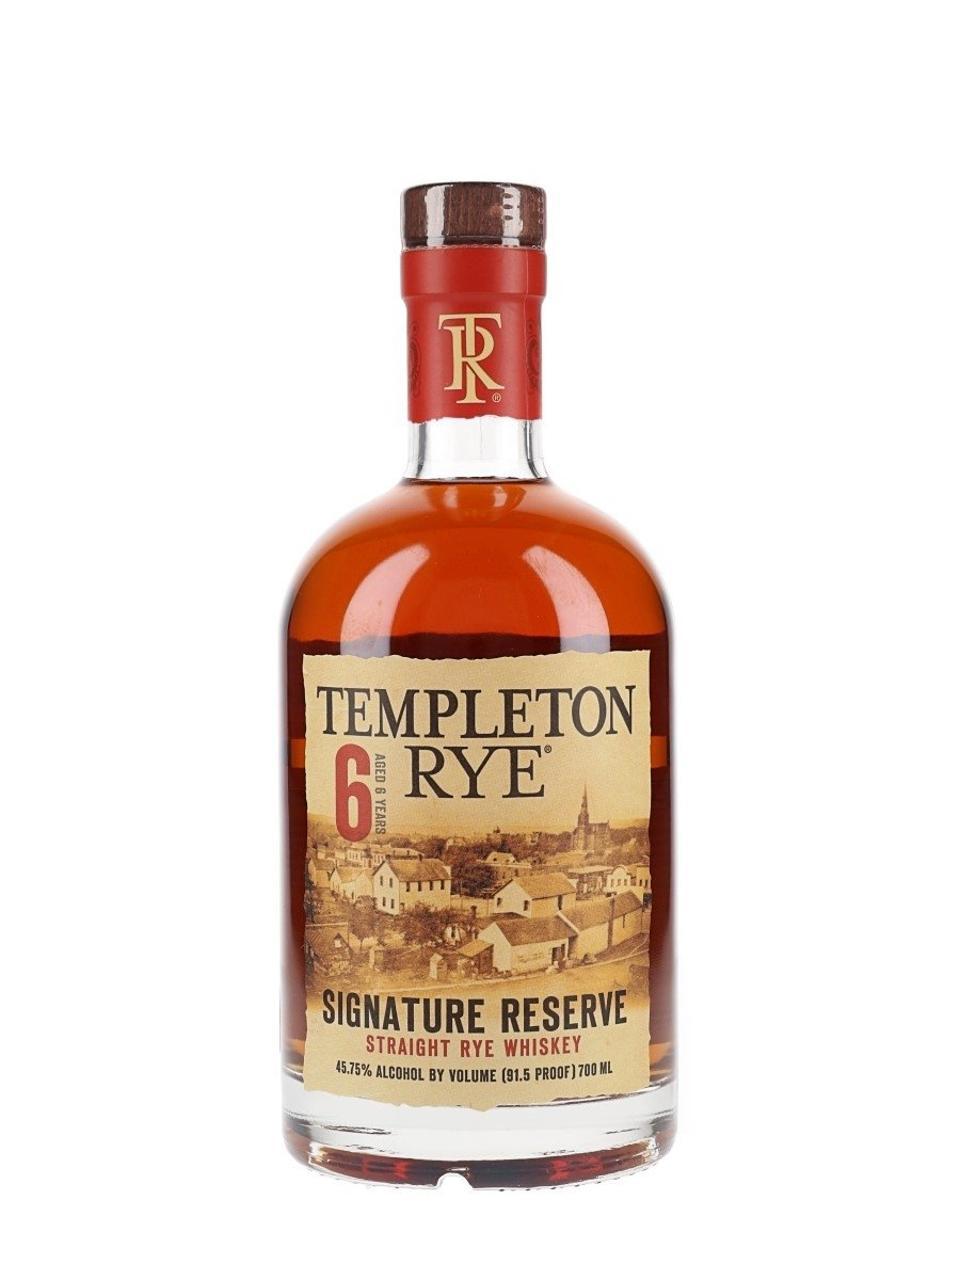 Templeton Rye, 6 YO, Signature Reserve Straight Rye Whiskey